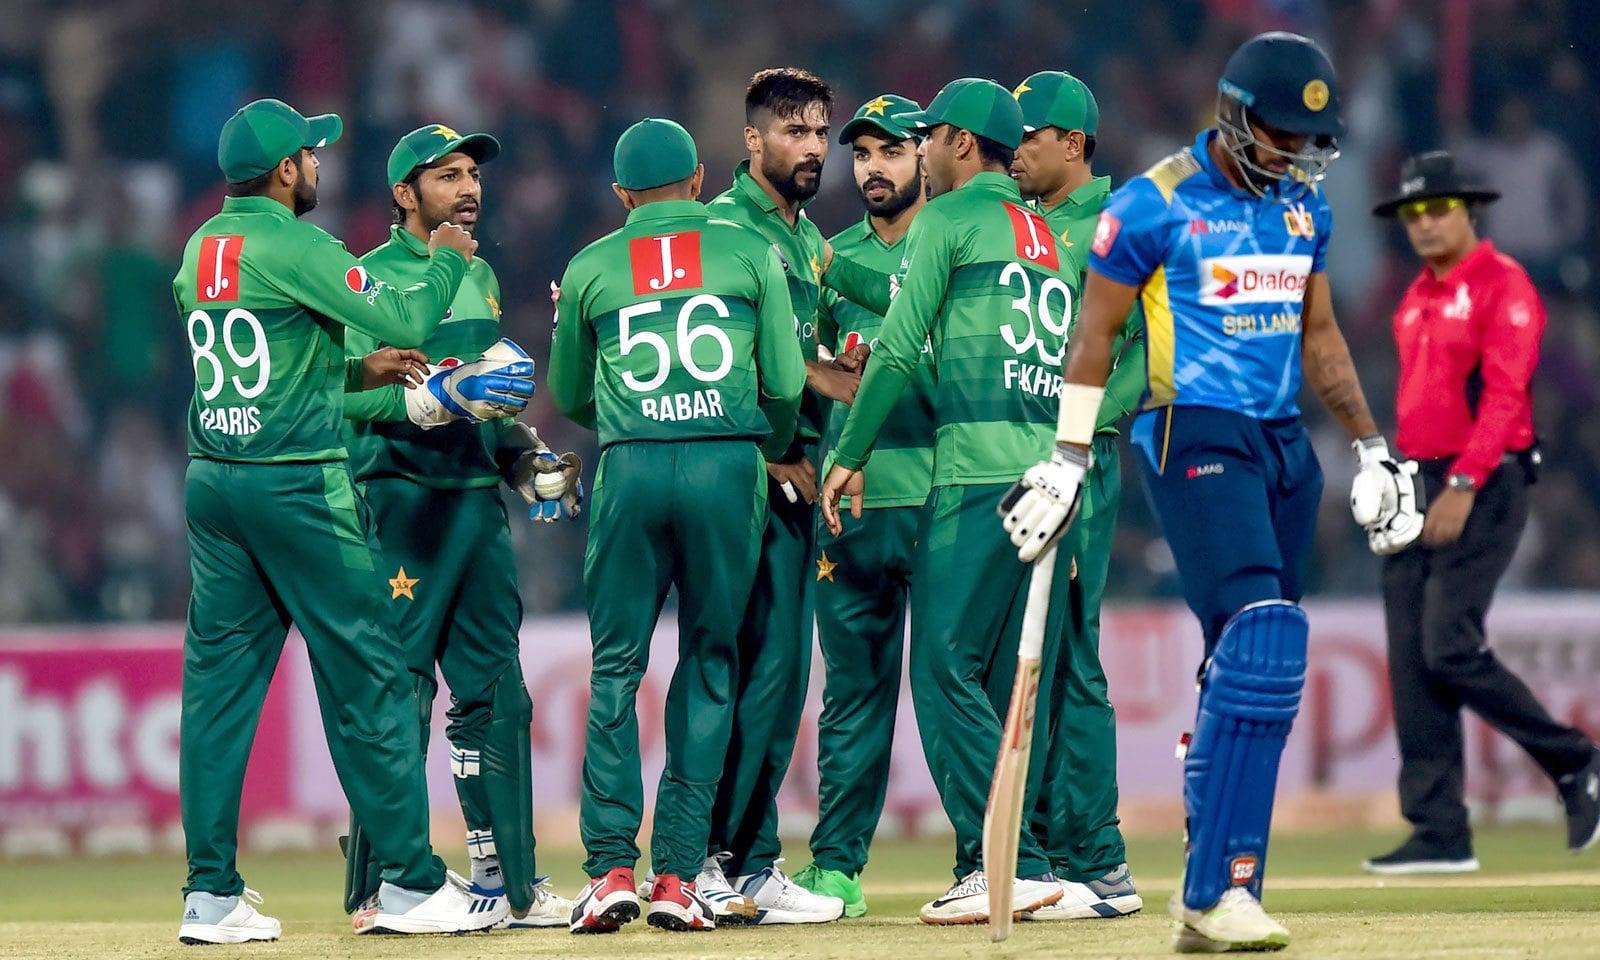 پاکستان کی جانب سے محمد عامر 3 وکٹیں لے کر سب سے کامیاب باؤلر رہے— فوٹو: اے ایف پی